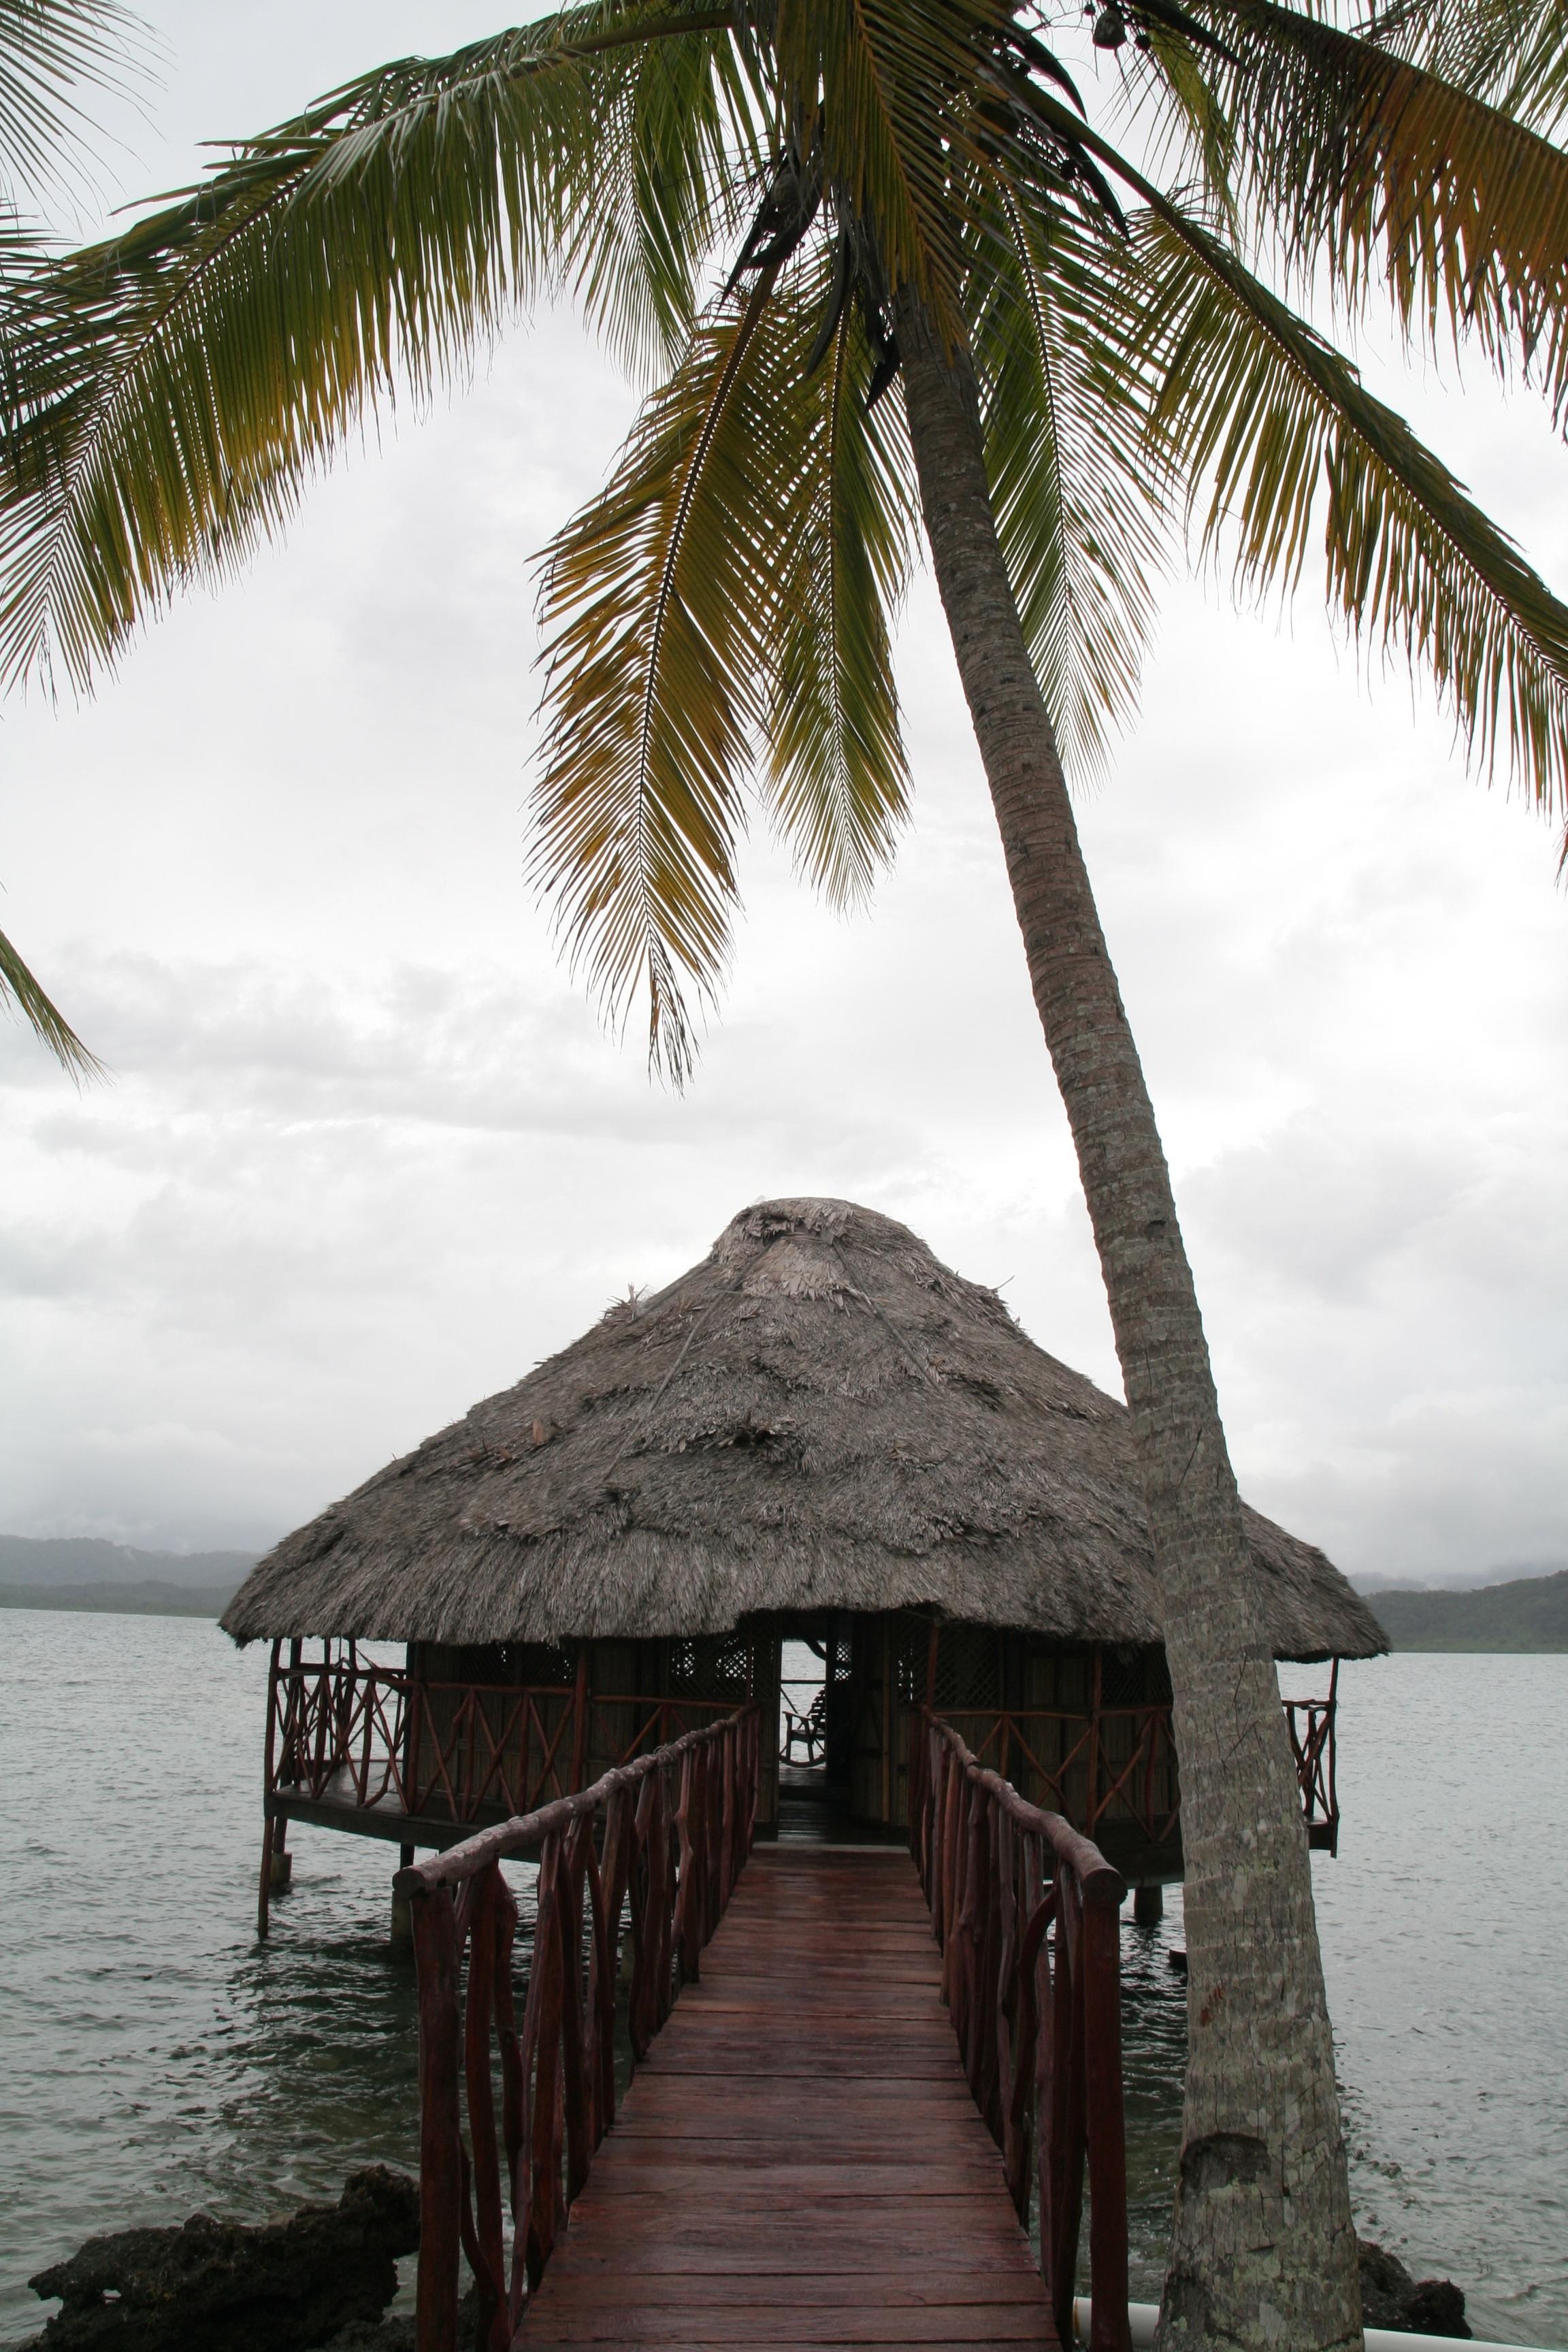 самолет давно картинки остров с пальмой и хижиной они